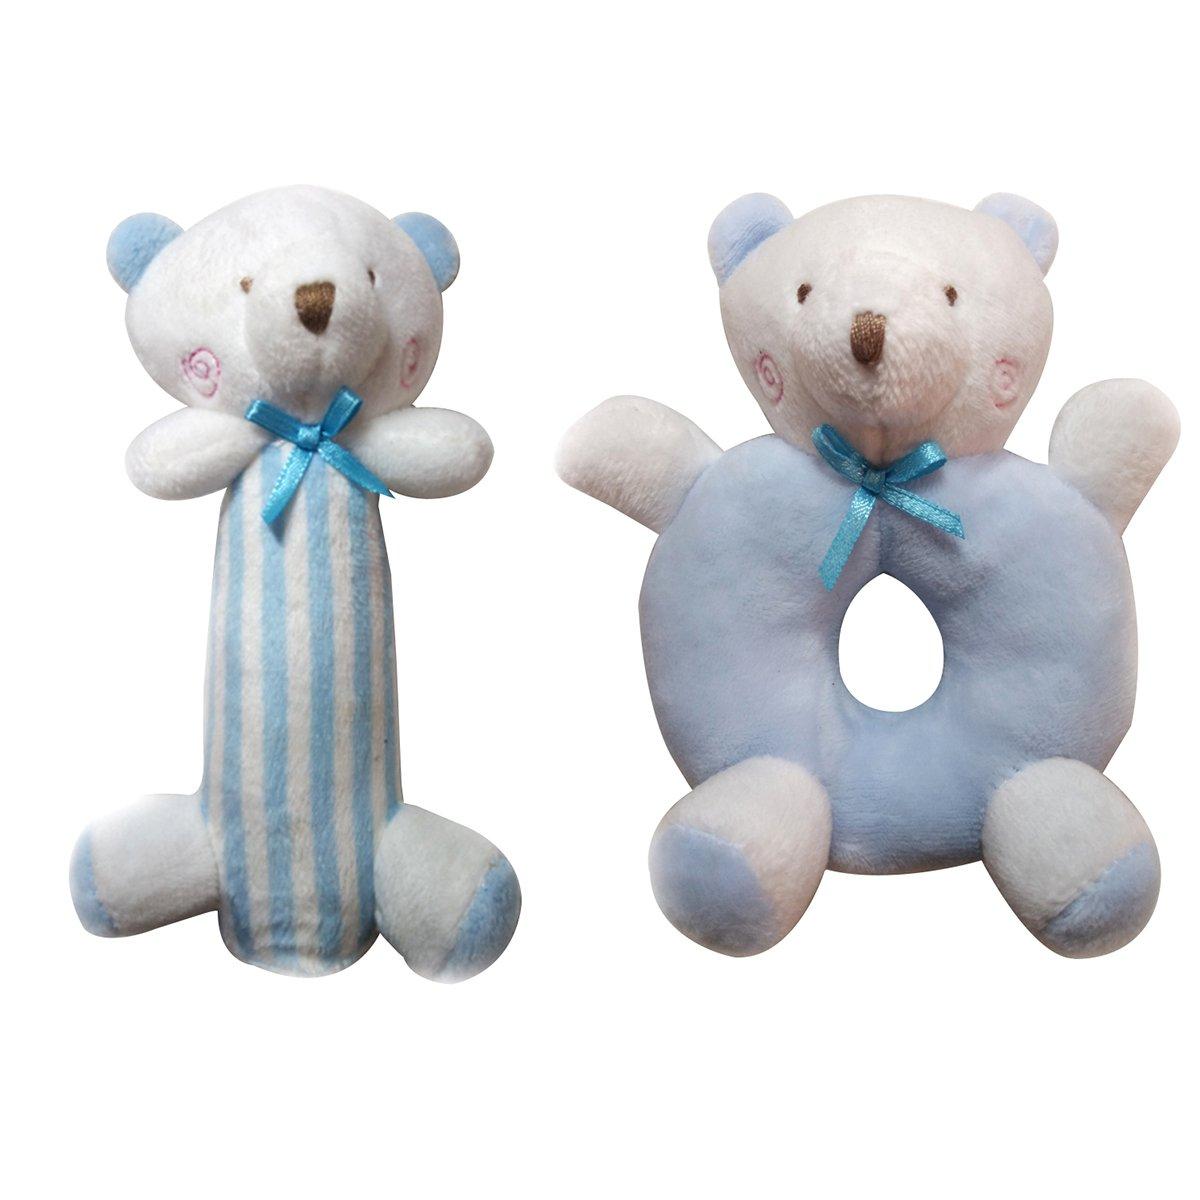 Yeahibaby Sonajero para bebés Peluches felpa Recién nacidos Cuna Juguete Anillo redondo Conejos Conejito Regalos únicos para duchas (Azul): Amazon.es: ...